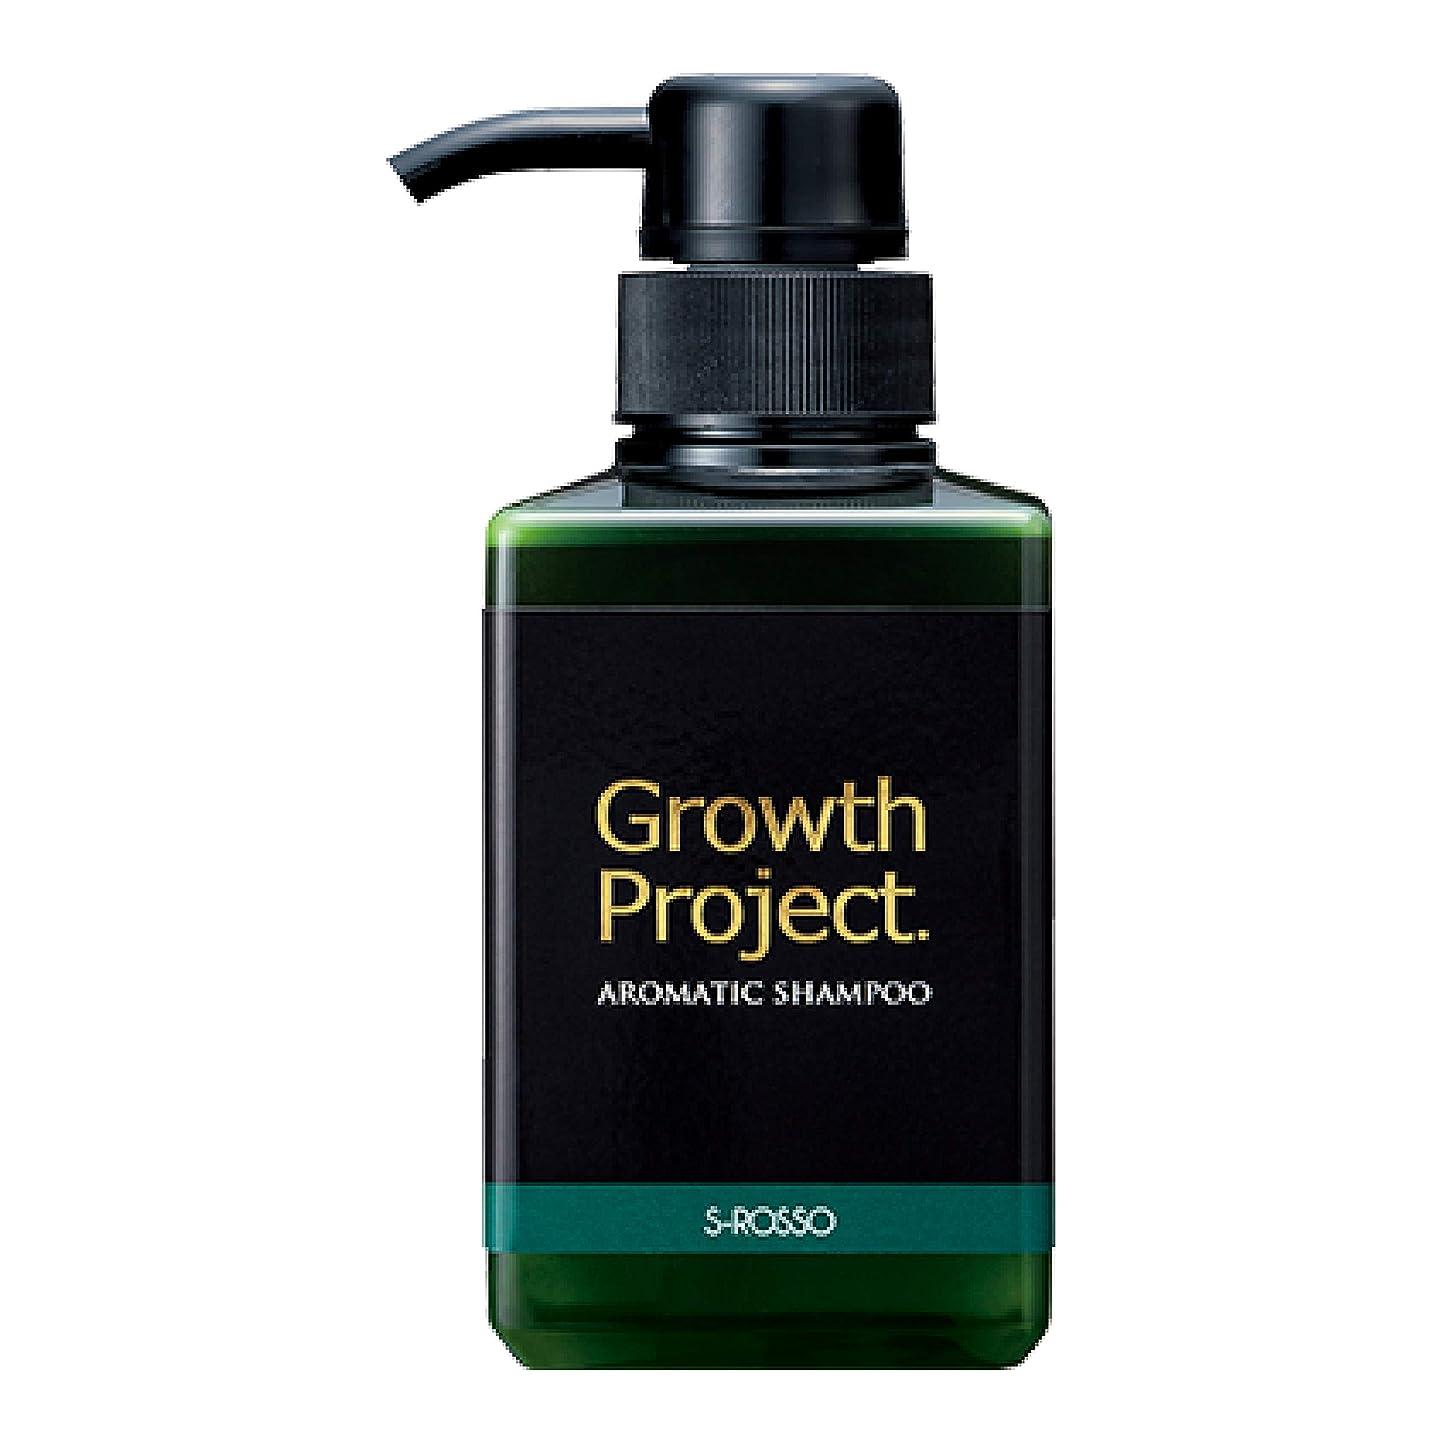 ゴネリルペルー打ち上げるGrowth Project. アロマシャンプー 300ml